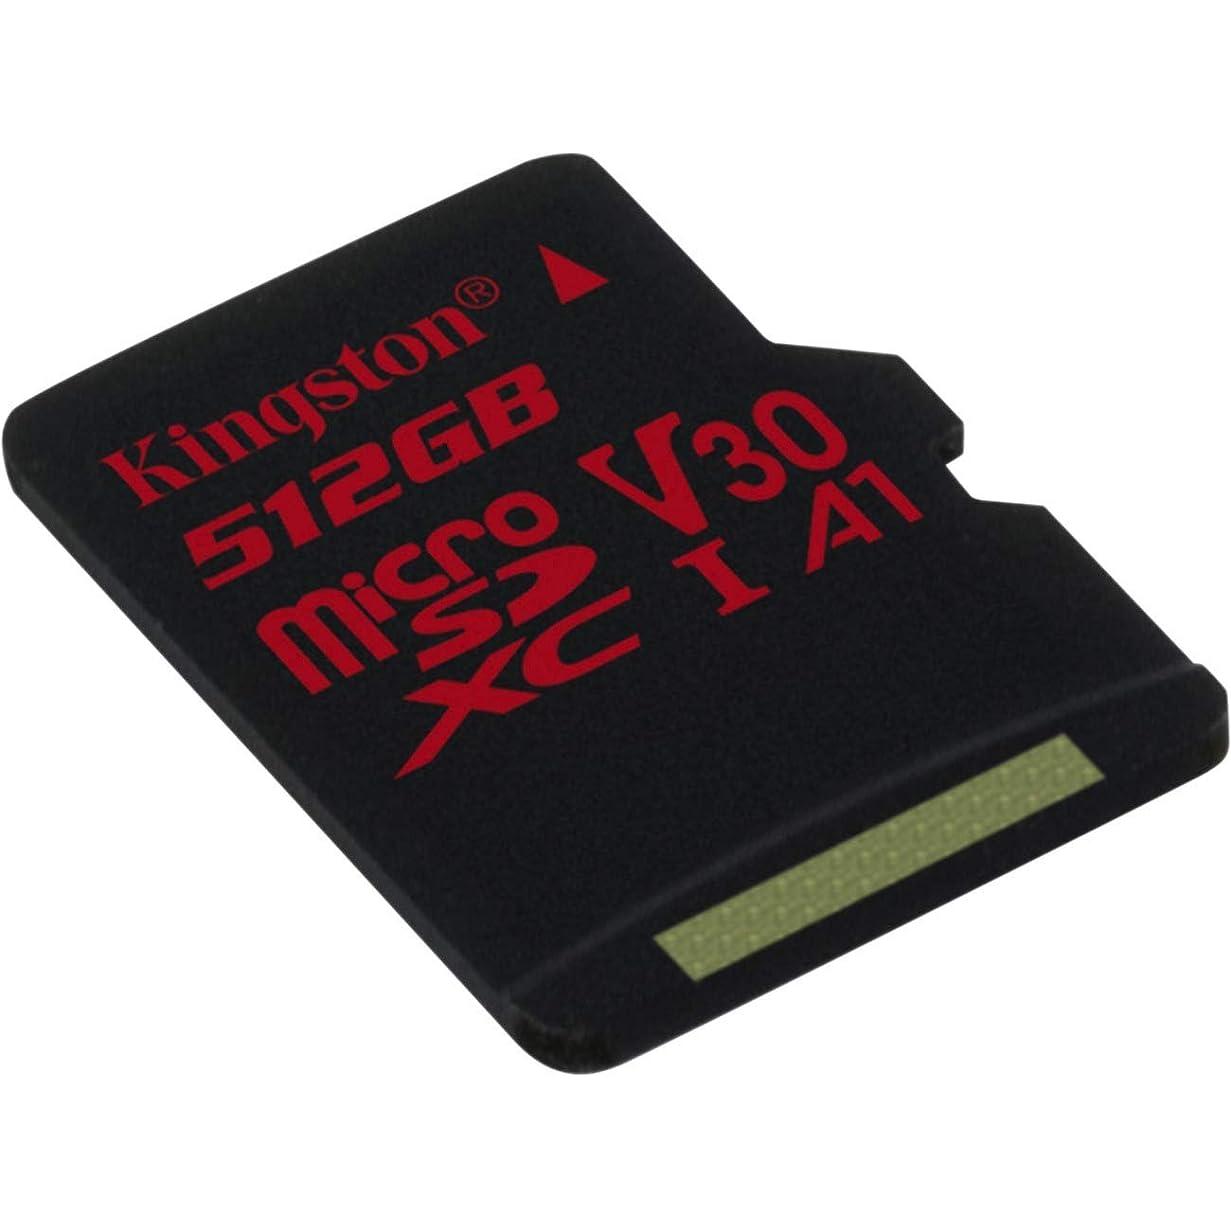 慣性フェザー欺プロフェッショナル Kingston 512GB MicroSDXC Samsung Galaxy Tab S2 9.7